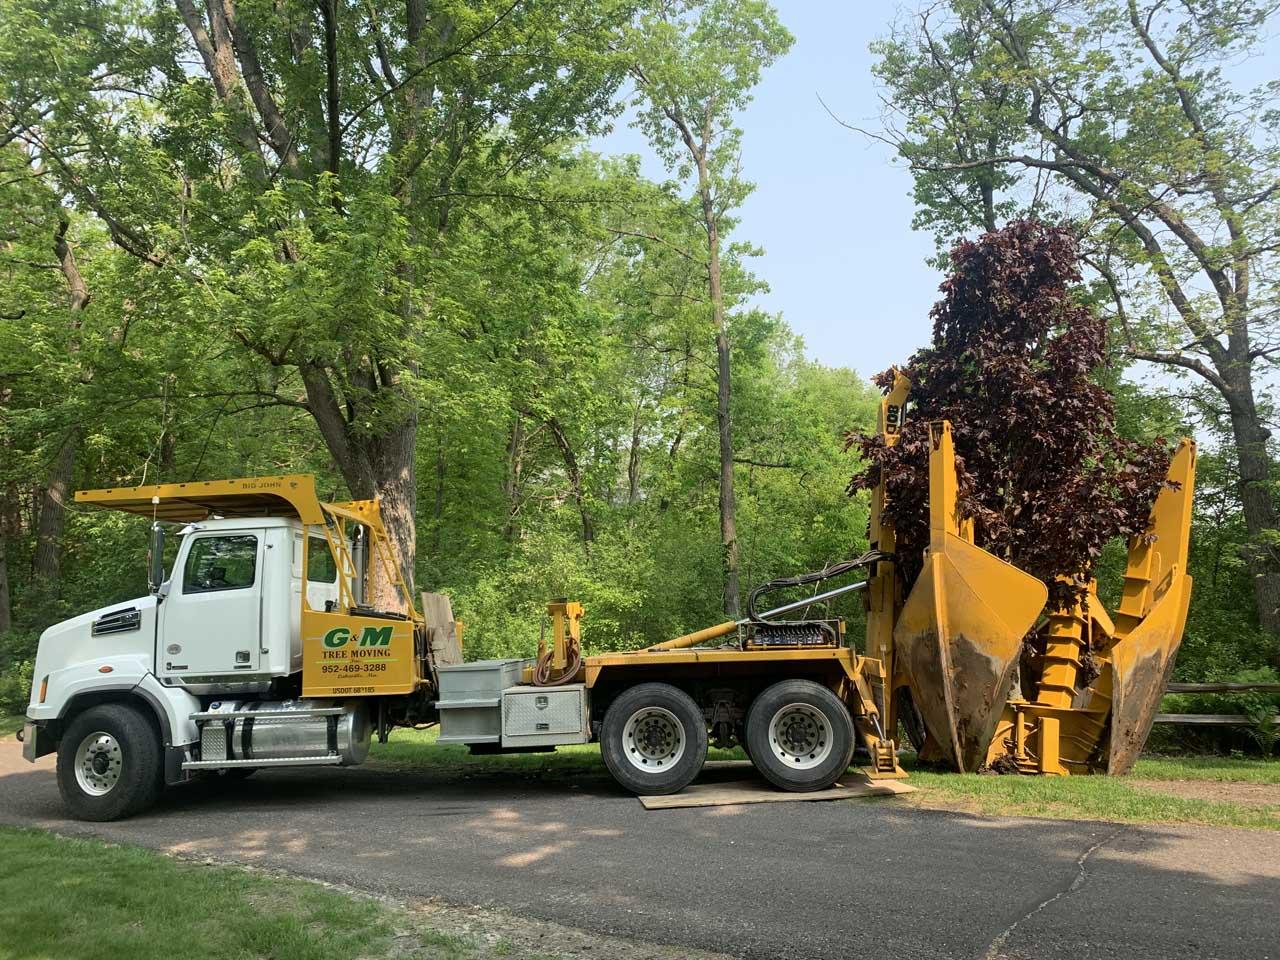 Commercial Tree Transportation